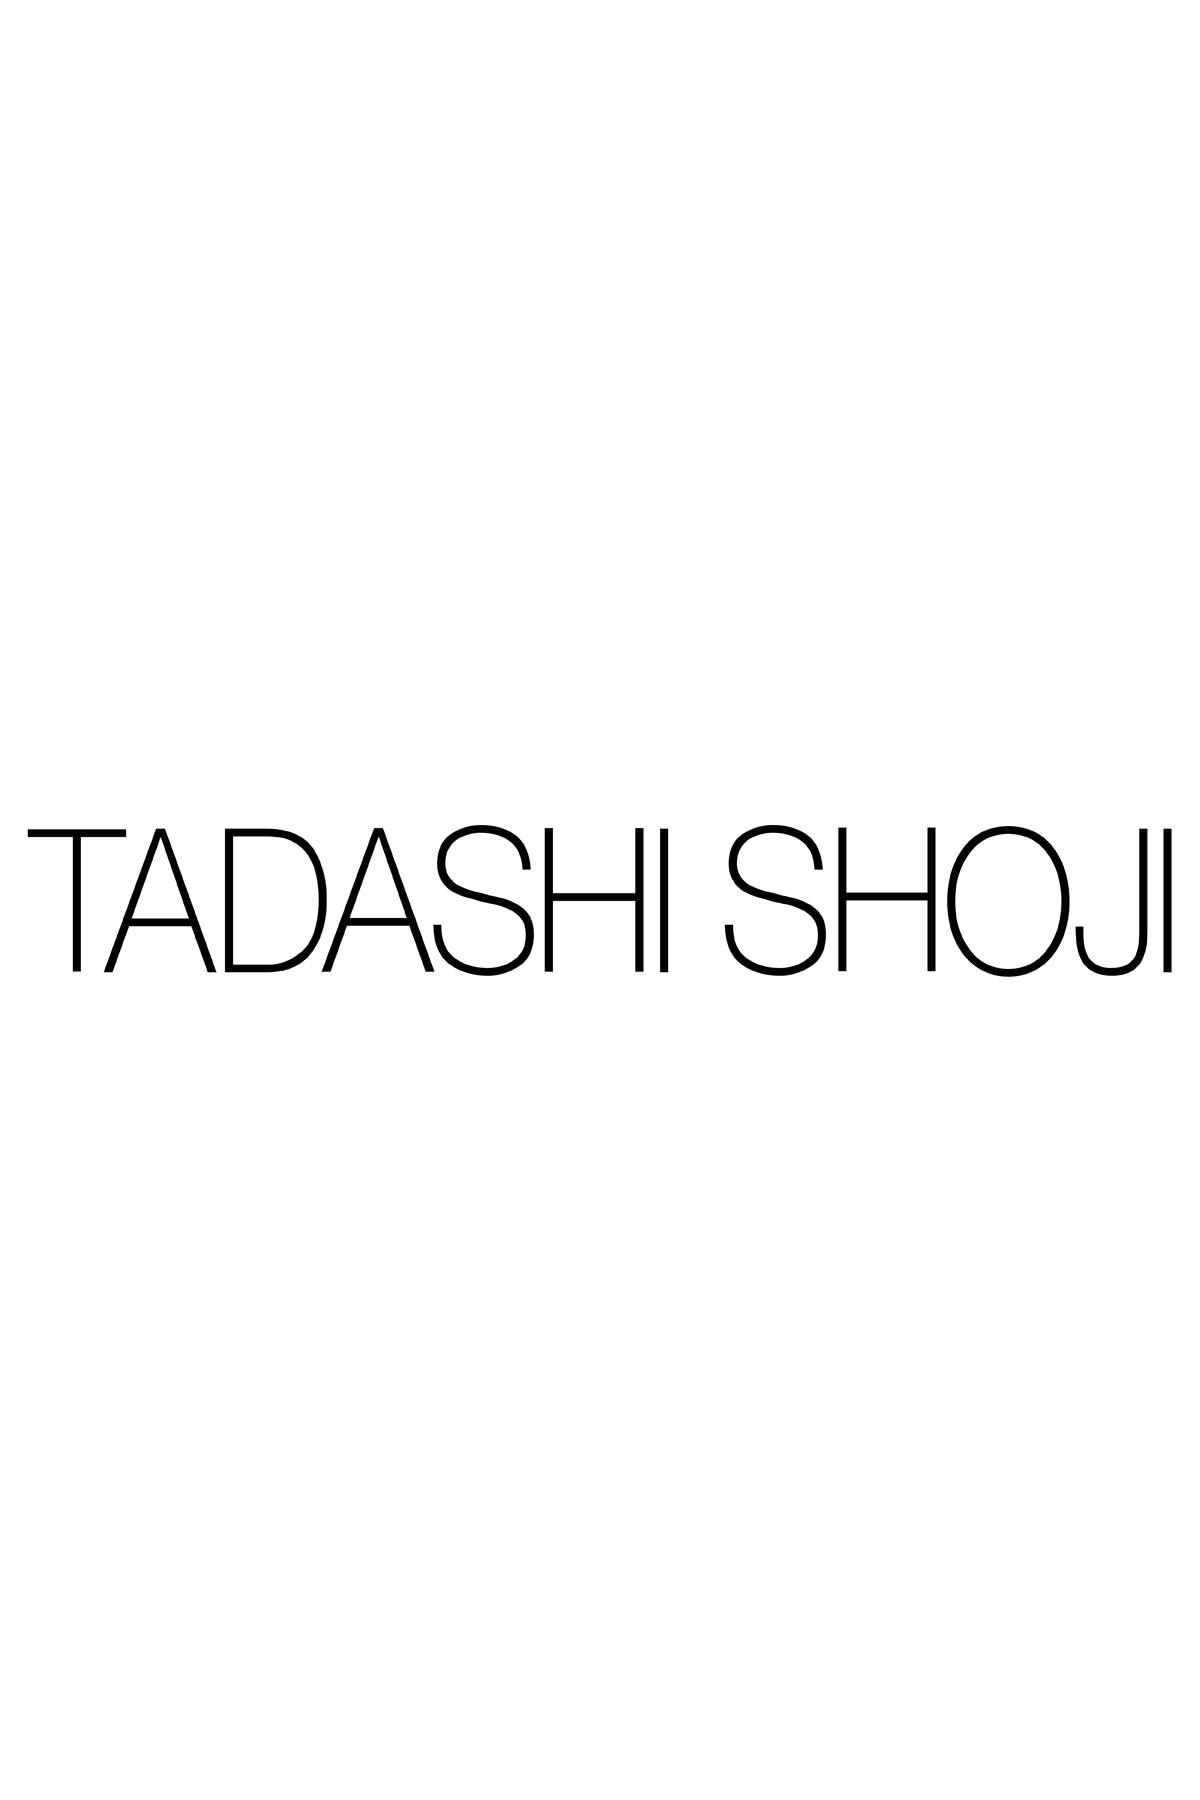 Nordstrom cocktail dresses tadashi alx1812m - Boulcom dress style 2018